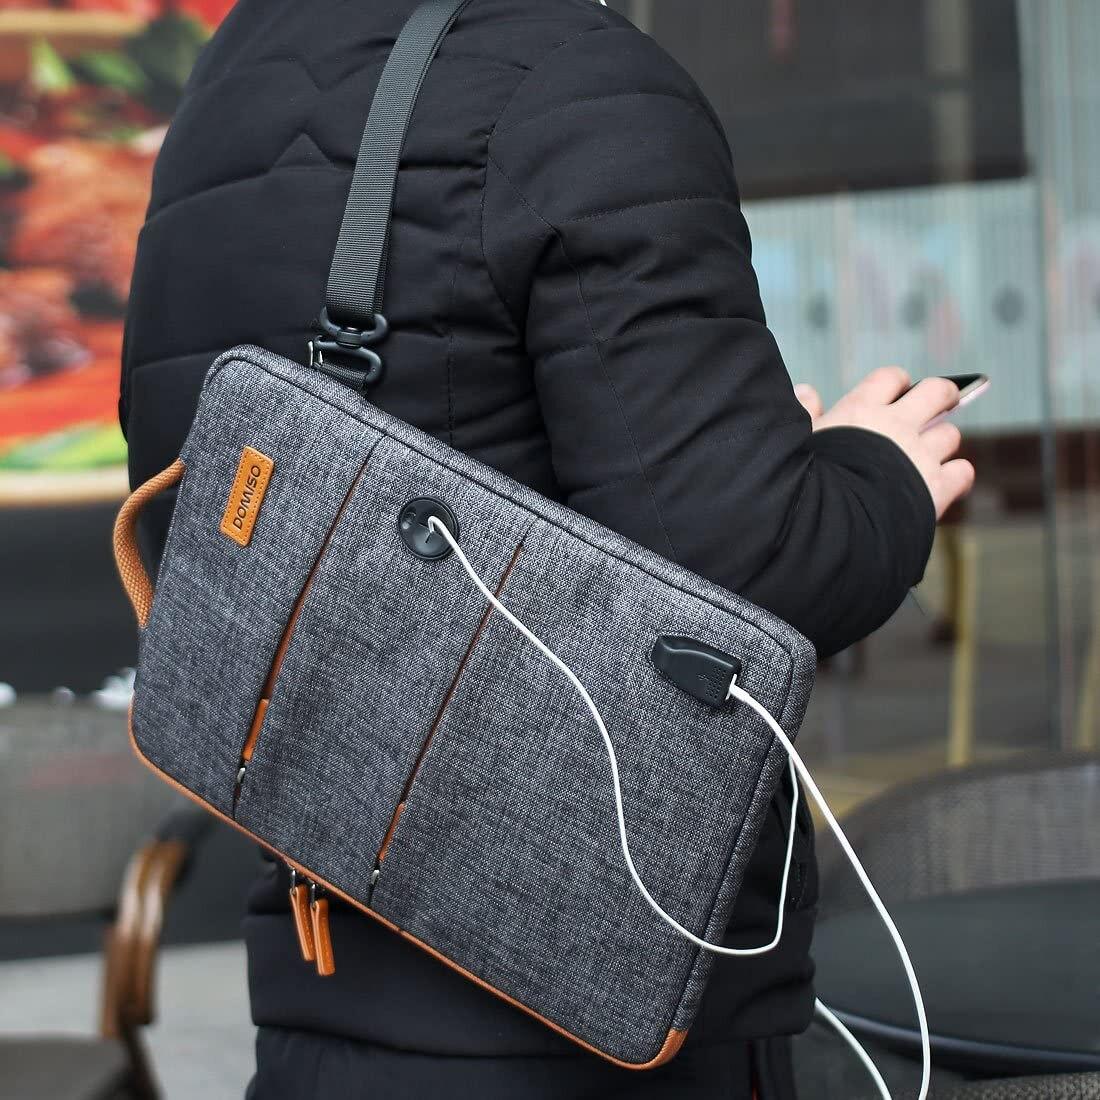 Domiso 11 13 14 15.6 17.3 Inch Waterdichte Laptop Tas Polyester Met Usb-poort Opladen Hoofdtelefoon Gat Voor Lenovo Acer huawei Hp 6